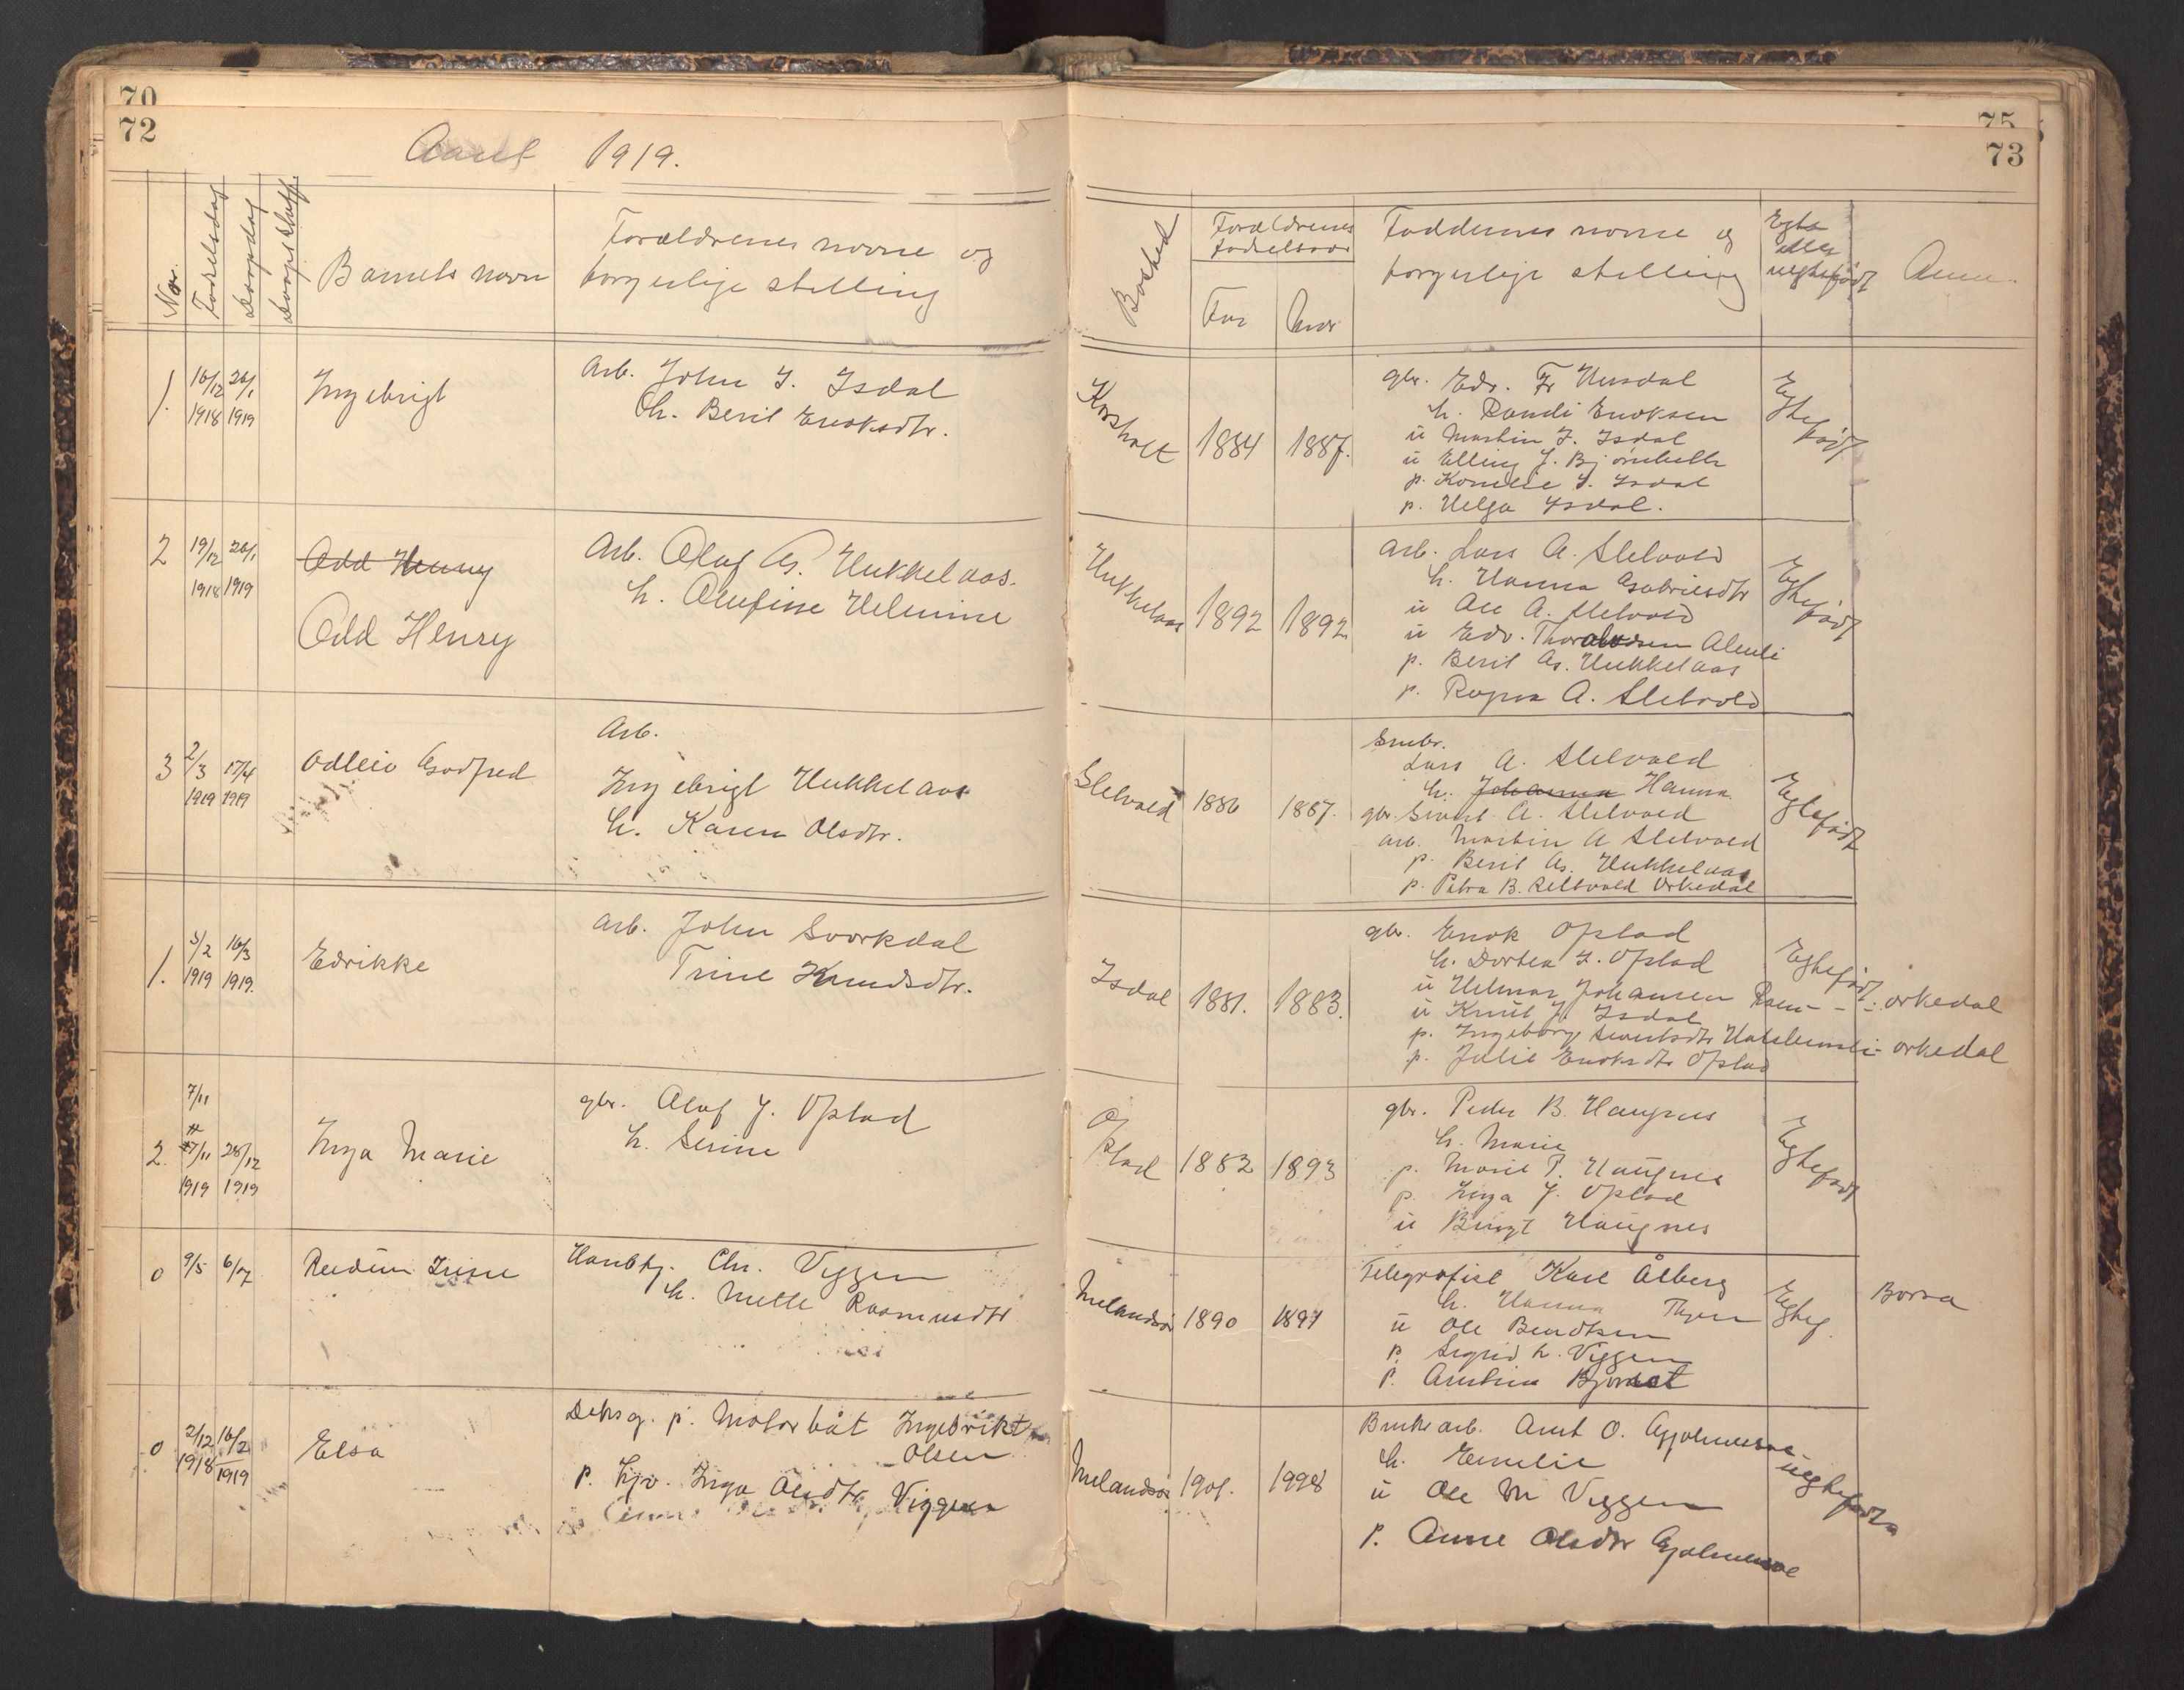 SAT, Ministerialprotokoller, klokkerbøker og fødselsregistre - Sør-Trøndelag, 670/L0837: Klokkerbok nr. 670C01, 1905-1946, s. 72-73